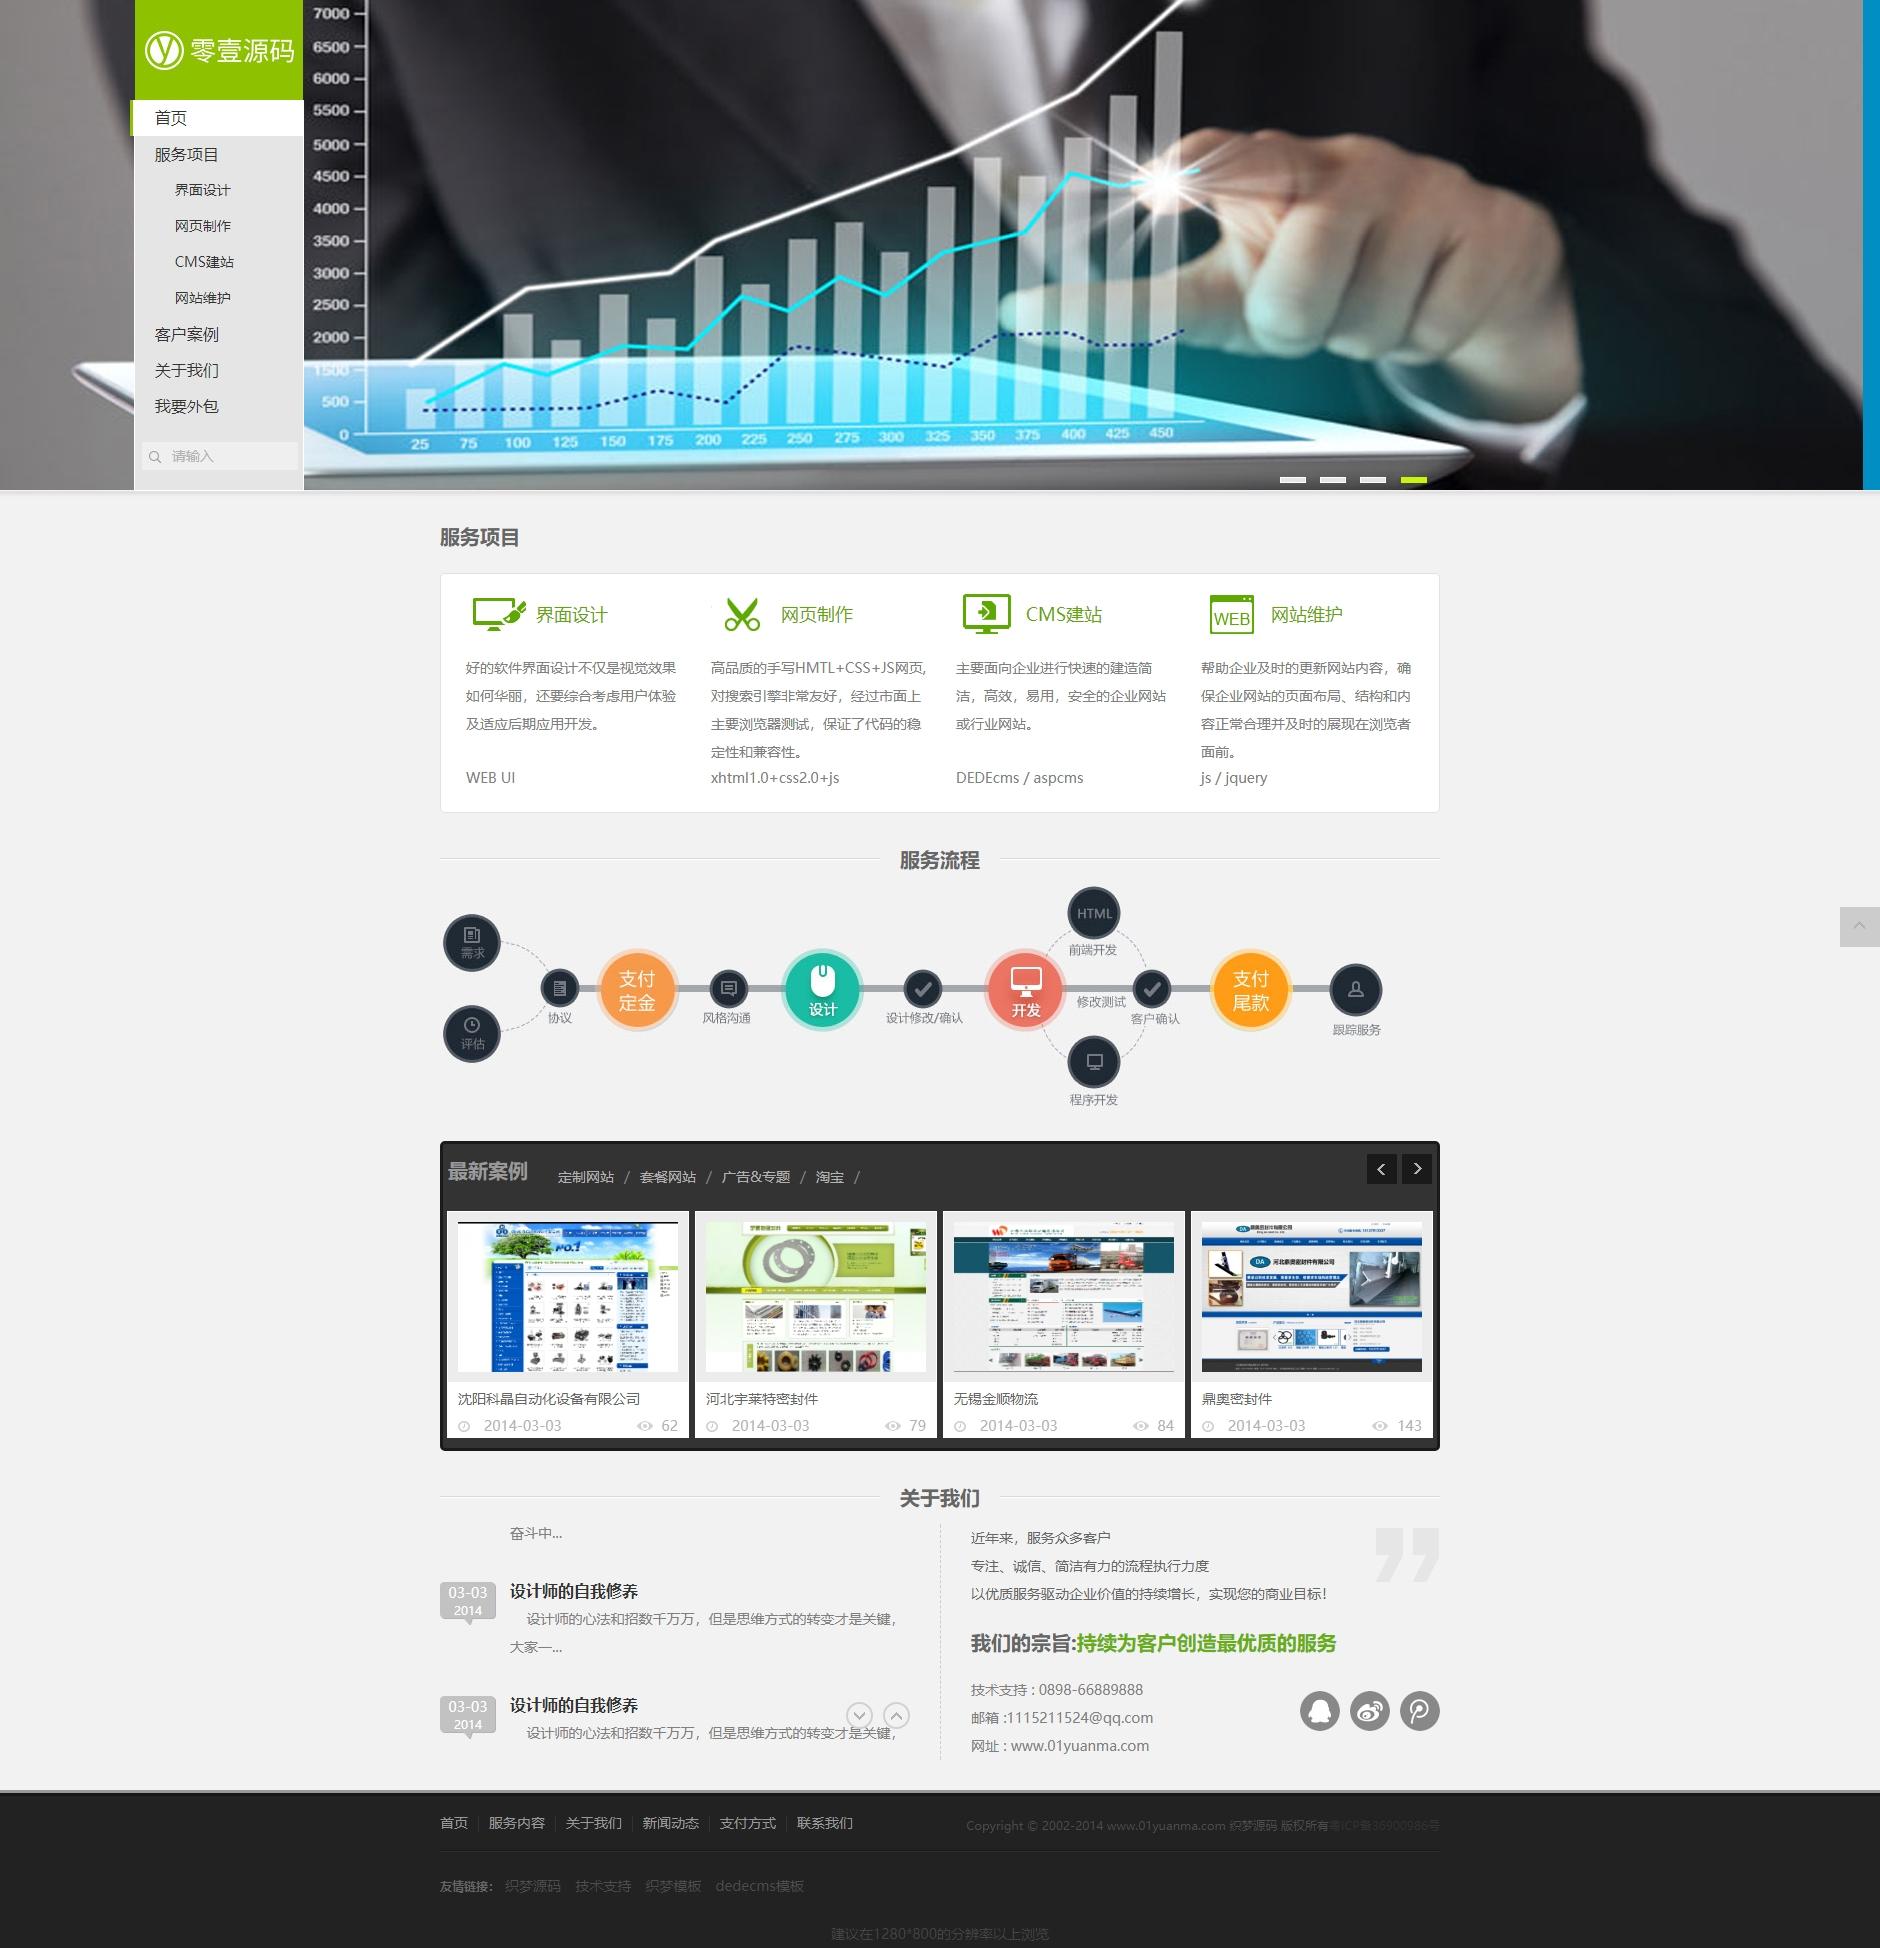 绿色清新网络工作室类公司网站织梦dedecms模板